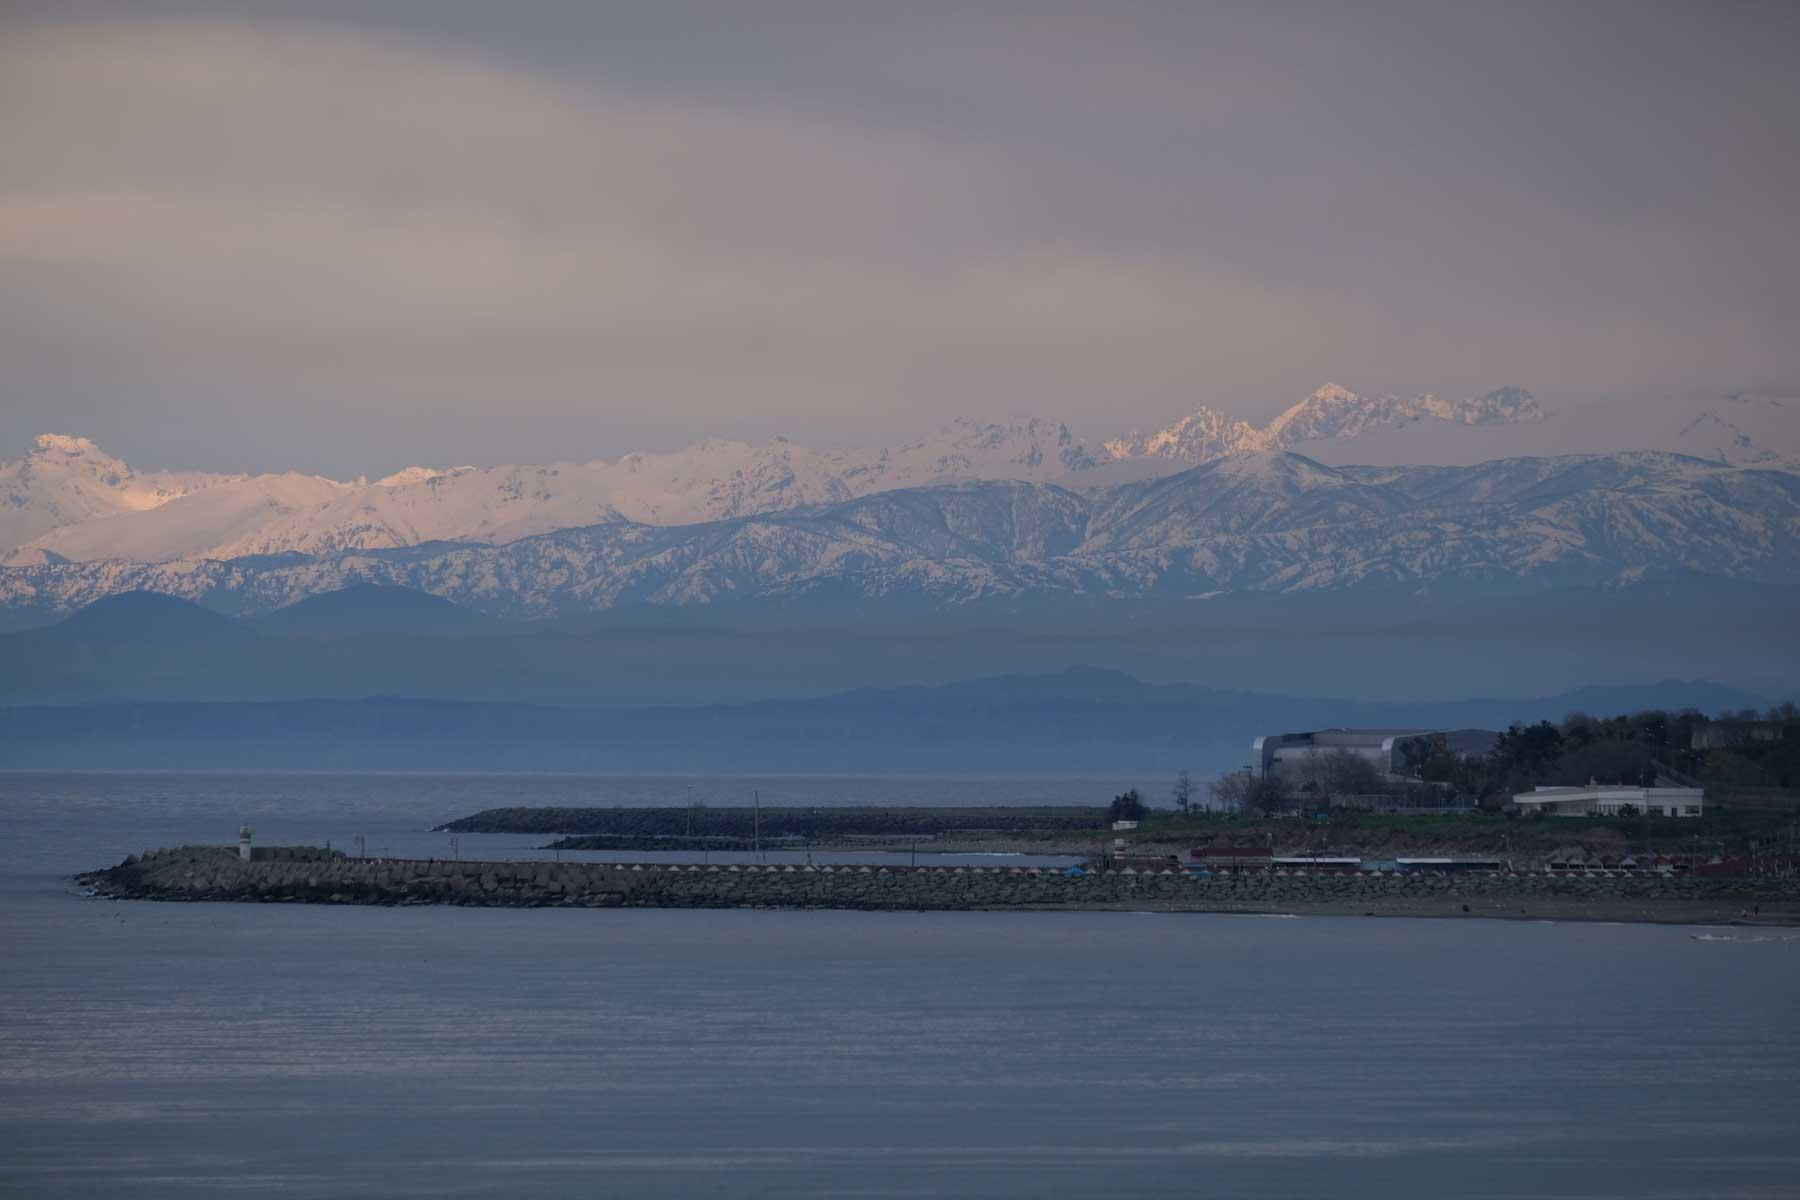 Unser letzter Stopp am Schwarzen Meer ist Trabzon, von wo aus wir Richtung Erzurum aufbrechen. Wir sind begeistert von den plötzlich auftauchenden hohen Bergen!